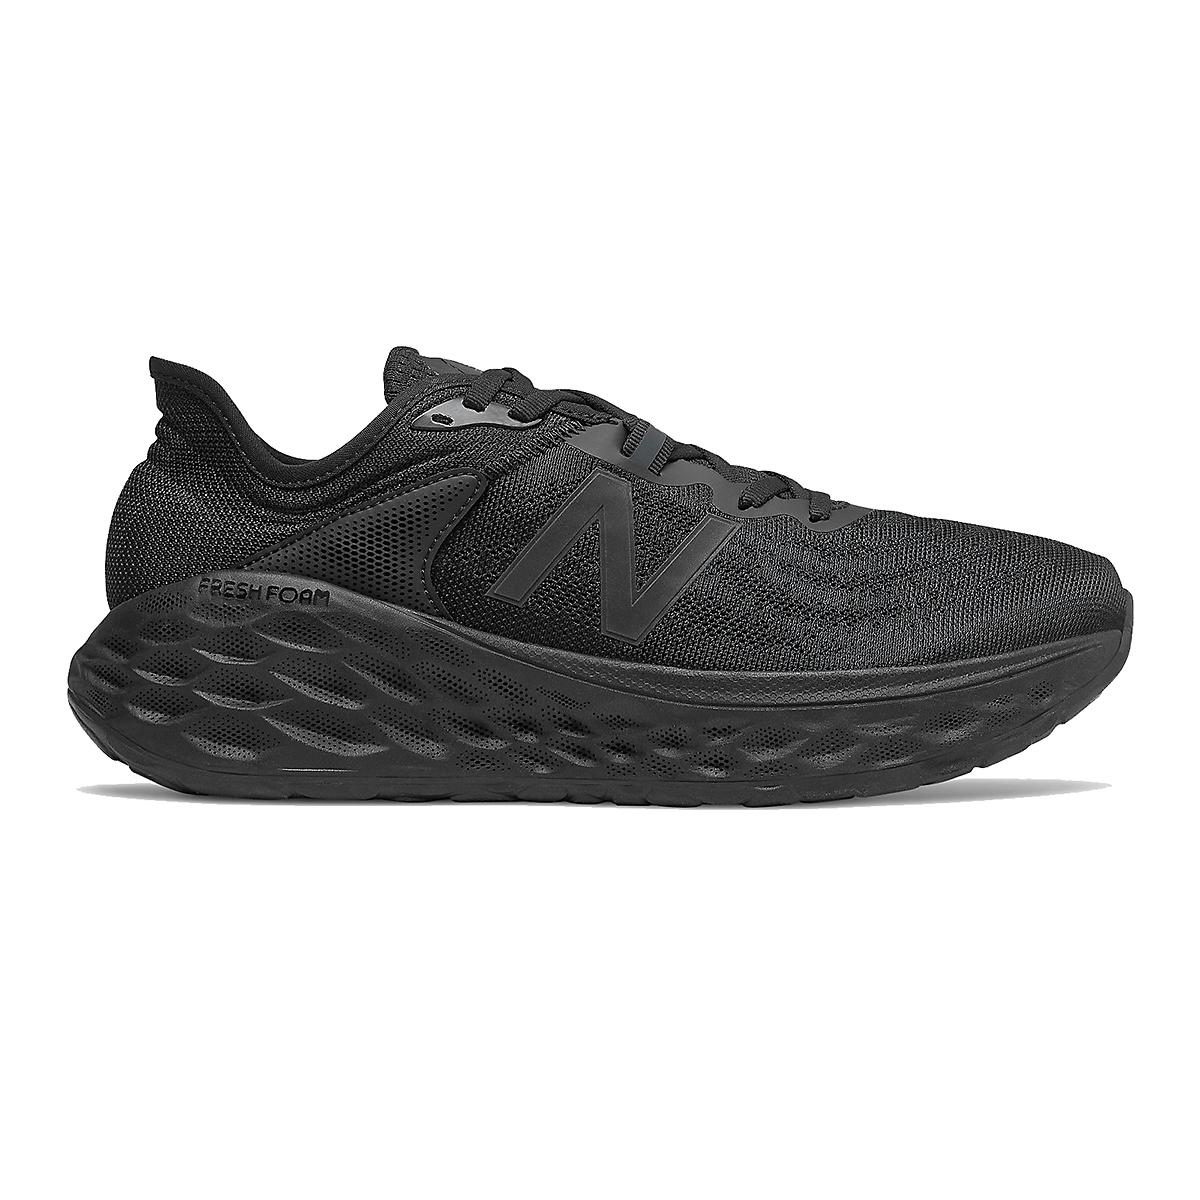 Men's New Balance Fresh Foam More V2 Running Shoe - Color: Black (Wide Width) - Size: 7, Black, large, image 1